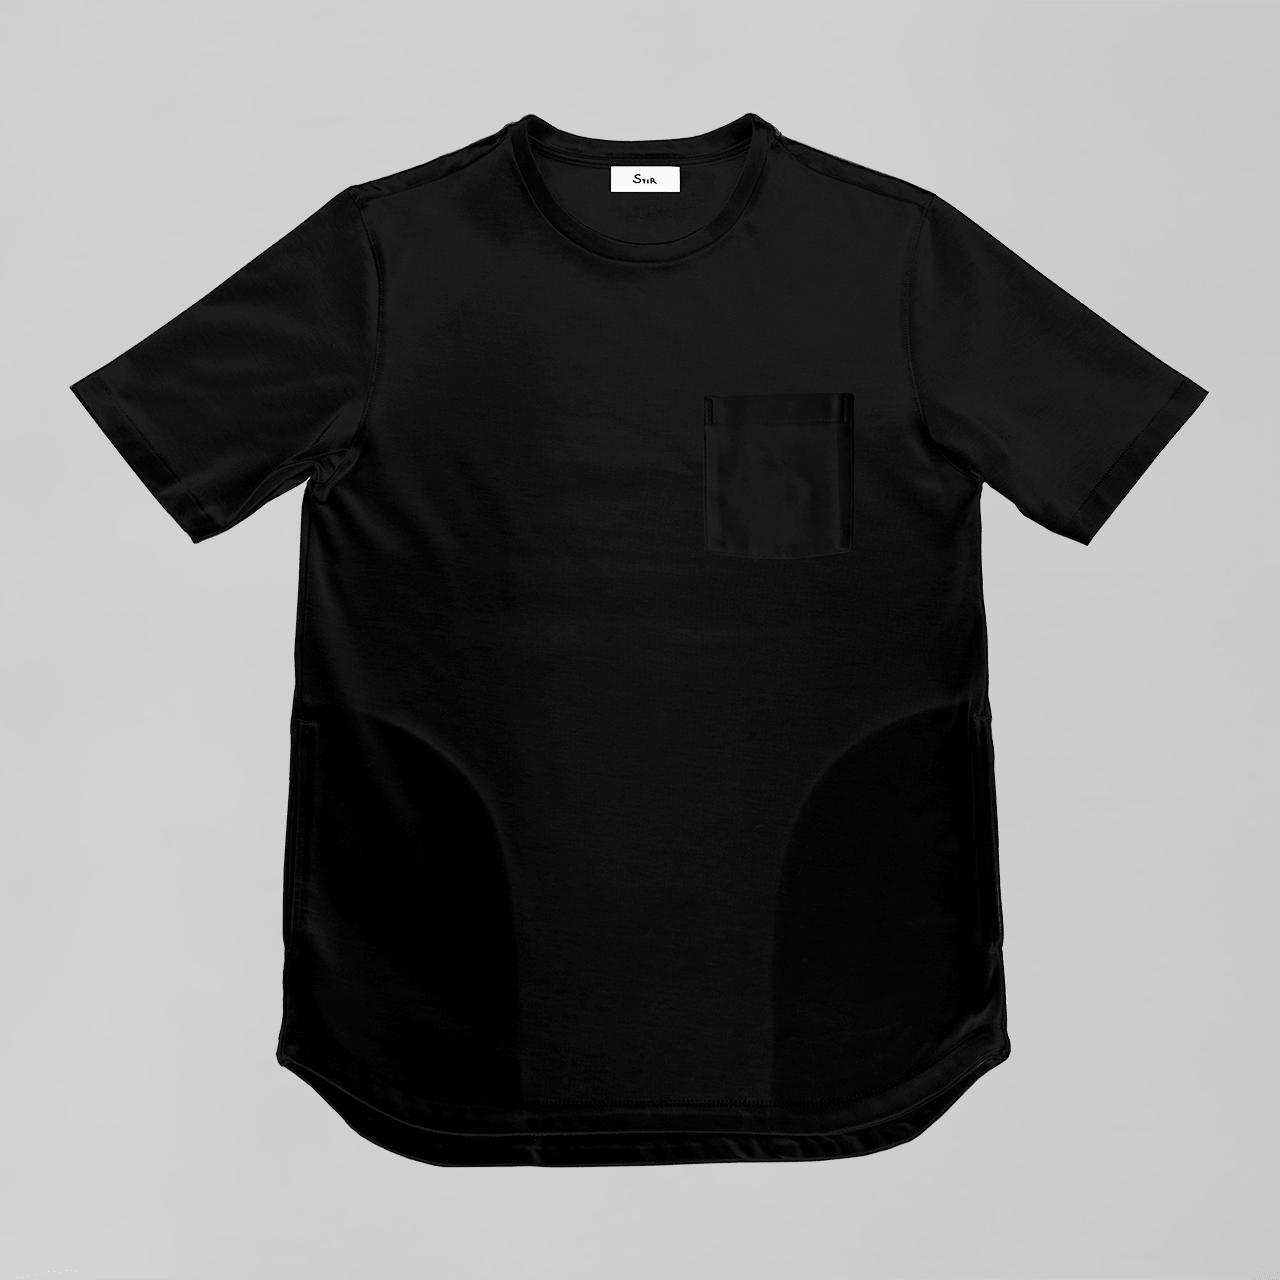 オーセンティックポケットT / Authentic Pocket T #BLACK ※6月末全サイズ再入荷予定